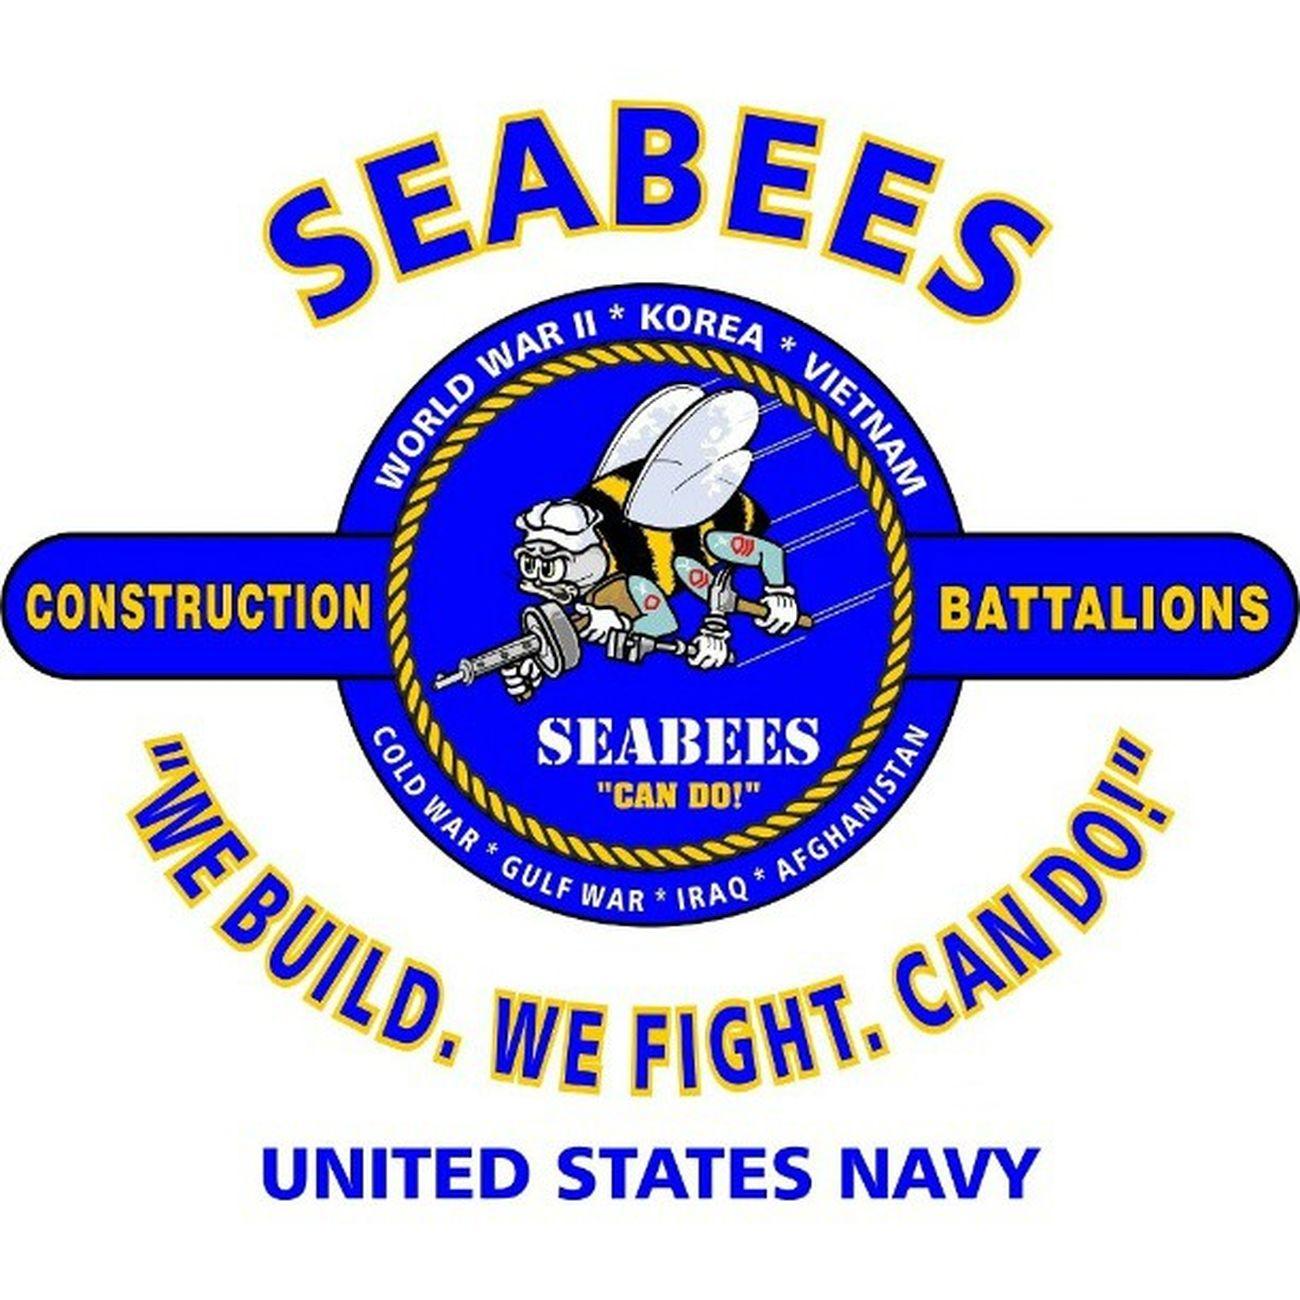 Usnavy Seabees Nmcbpickanumber hoorahh!